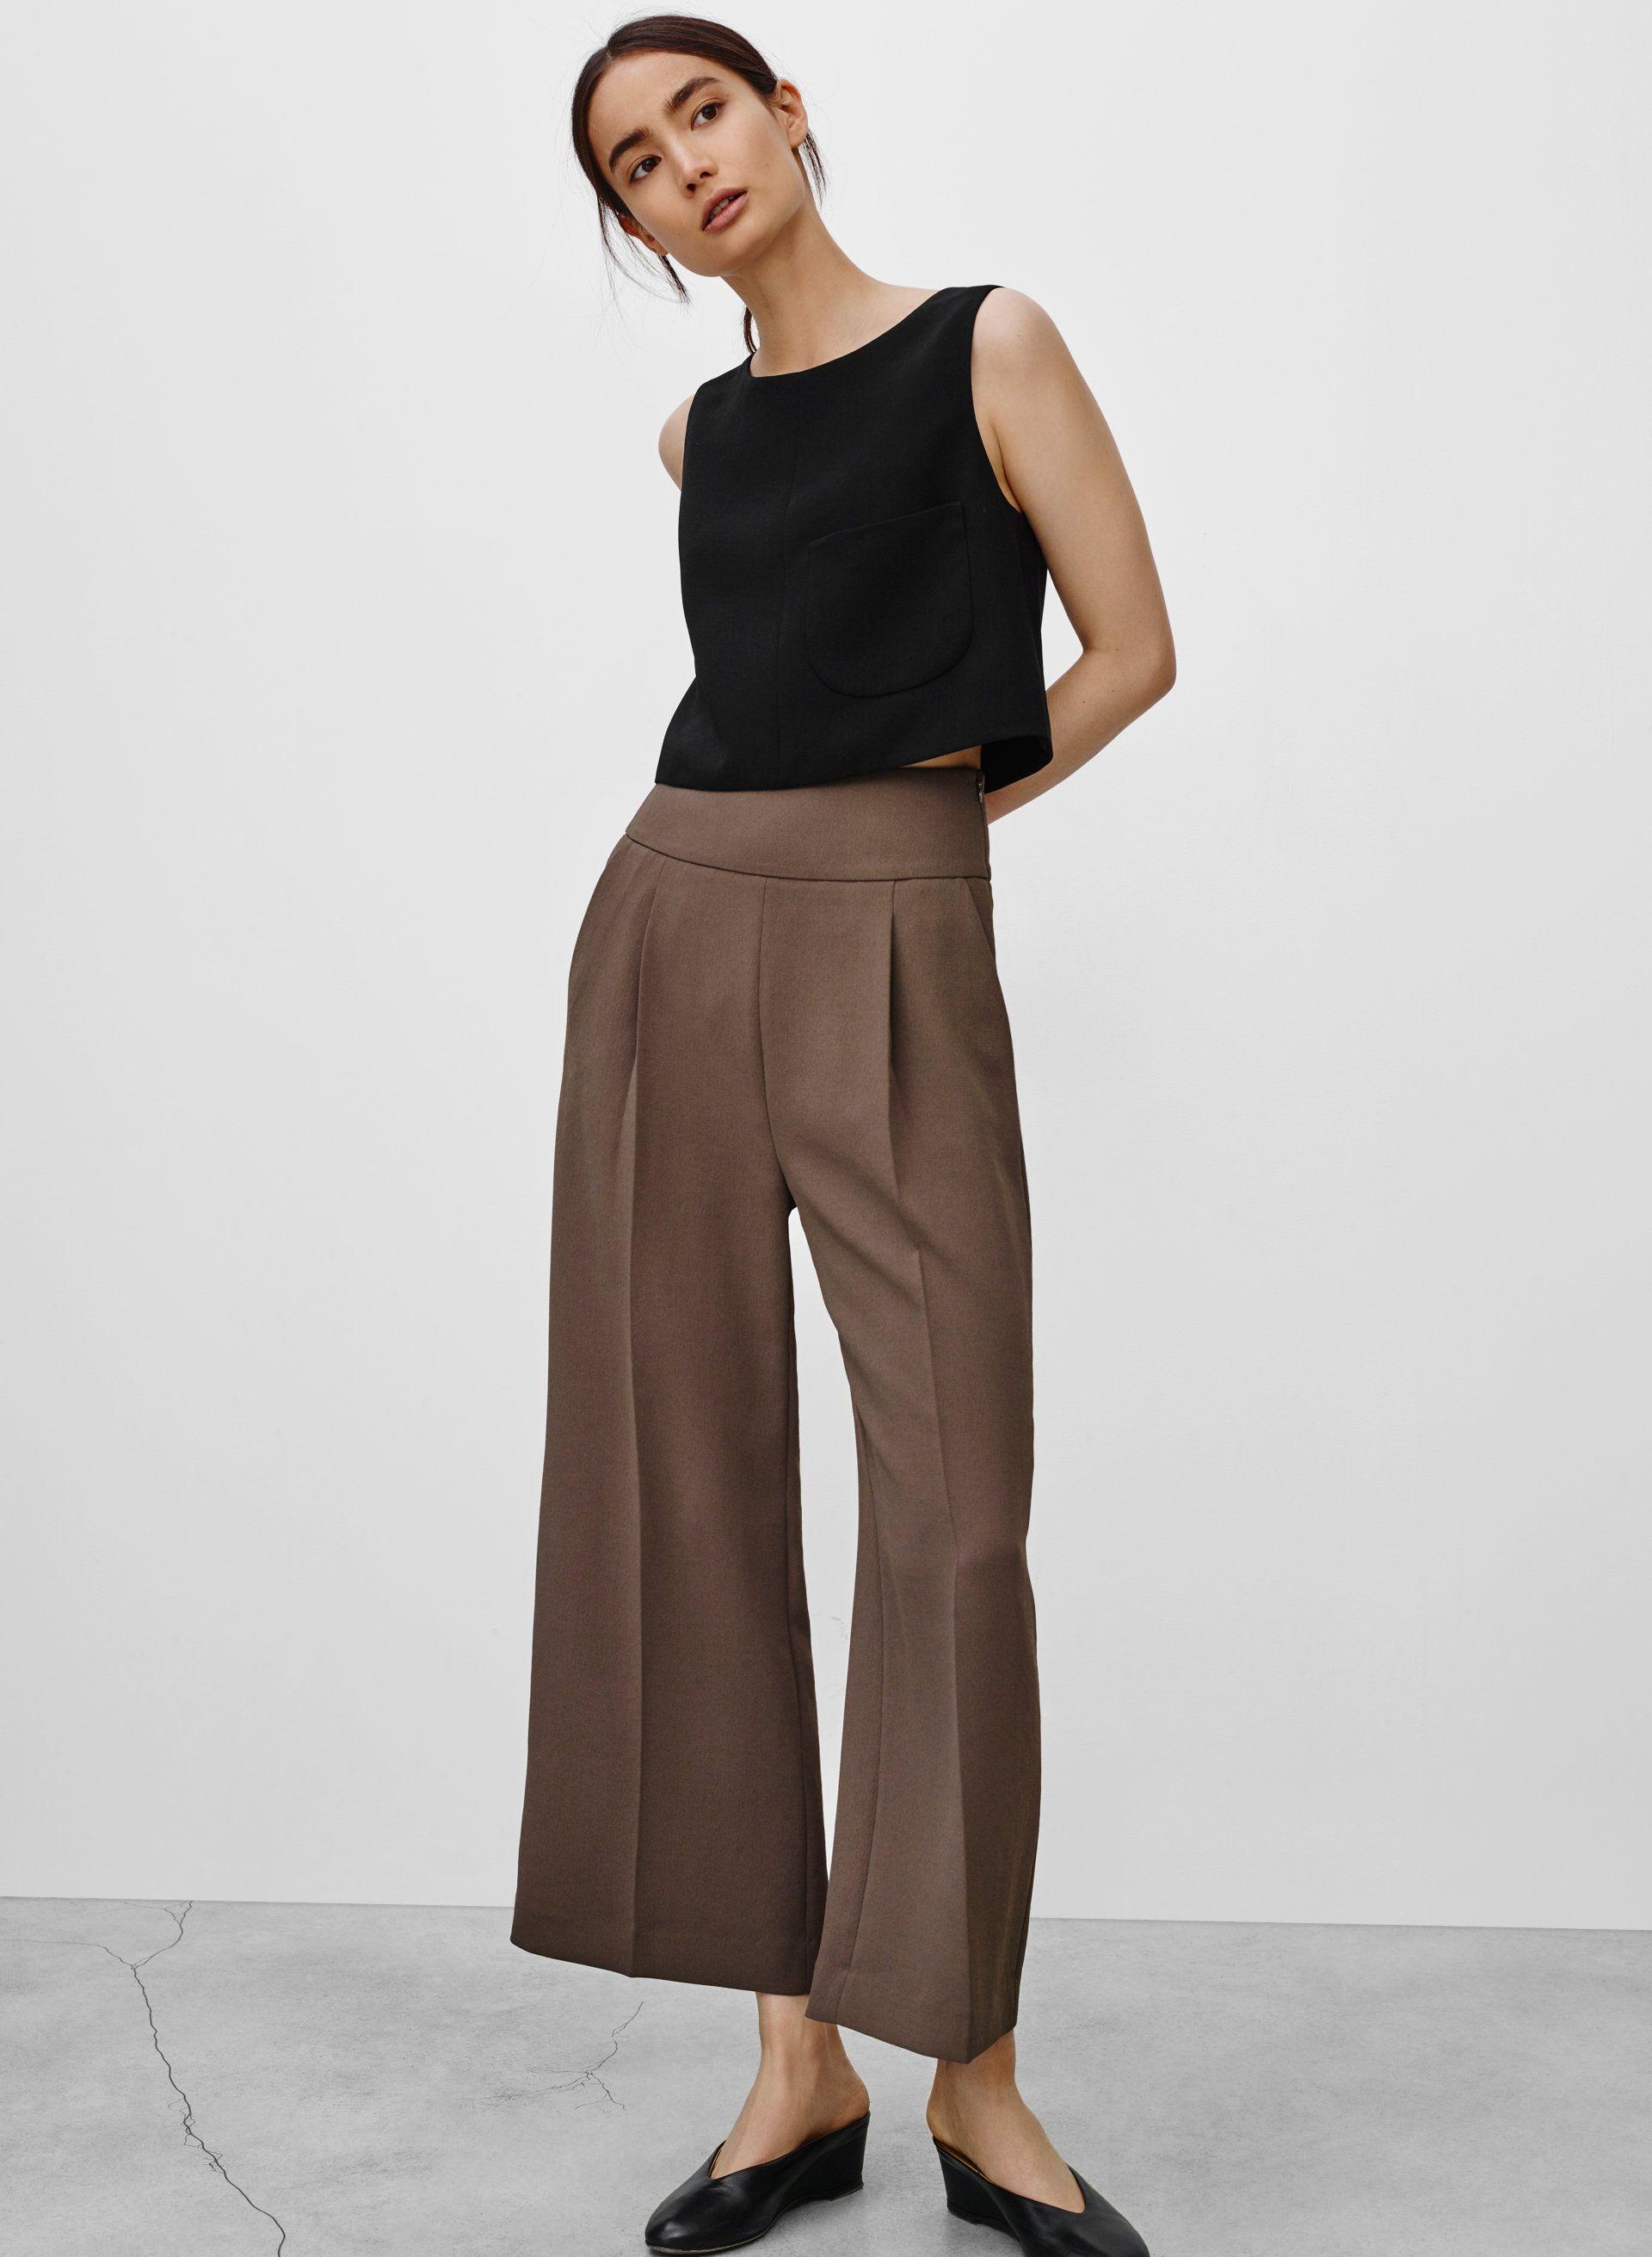 http://us.aritzia.com/product/lussier-blouse/56706.html?dwvar_56706_color=1274